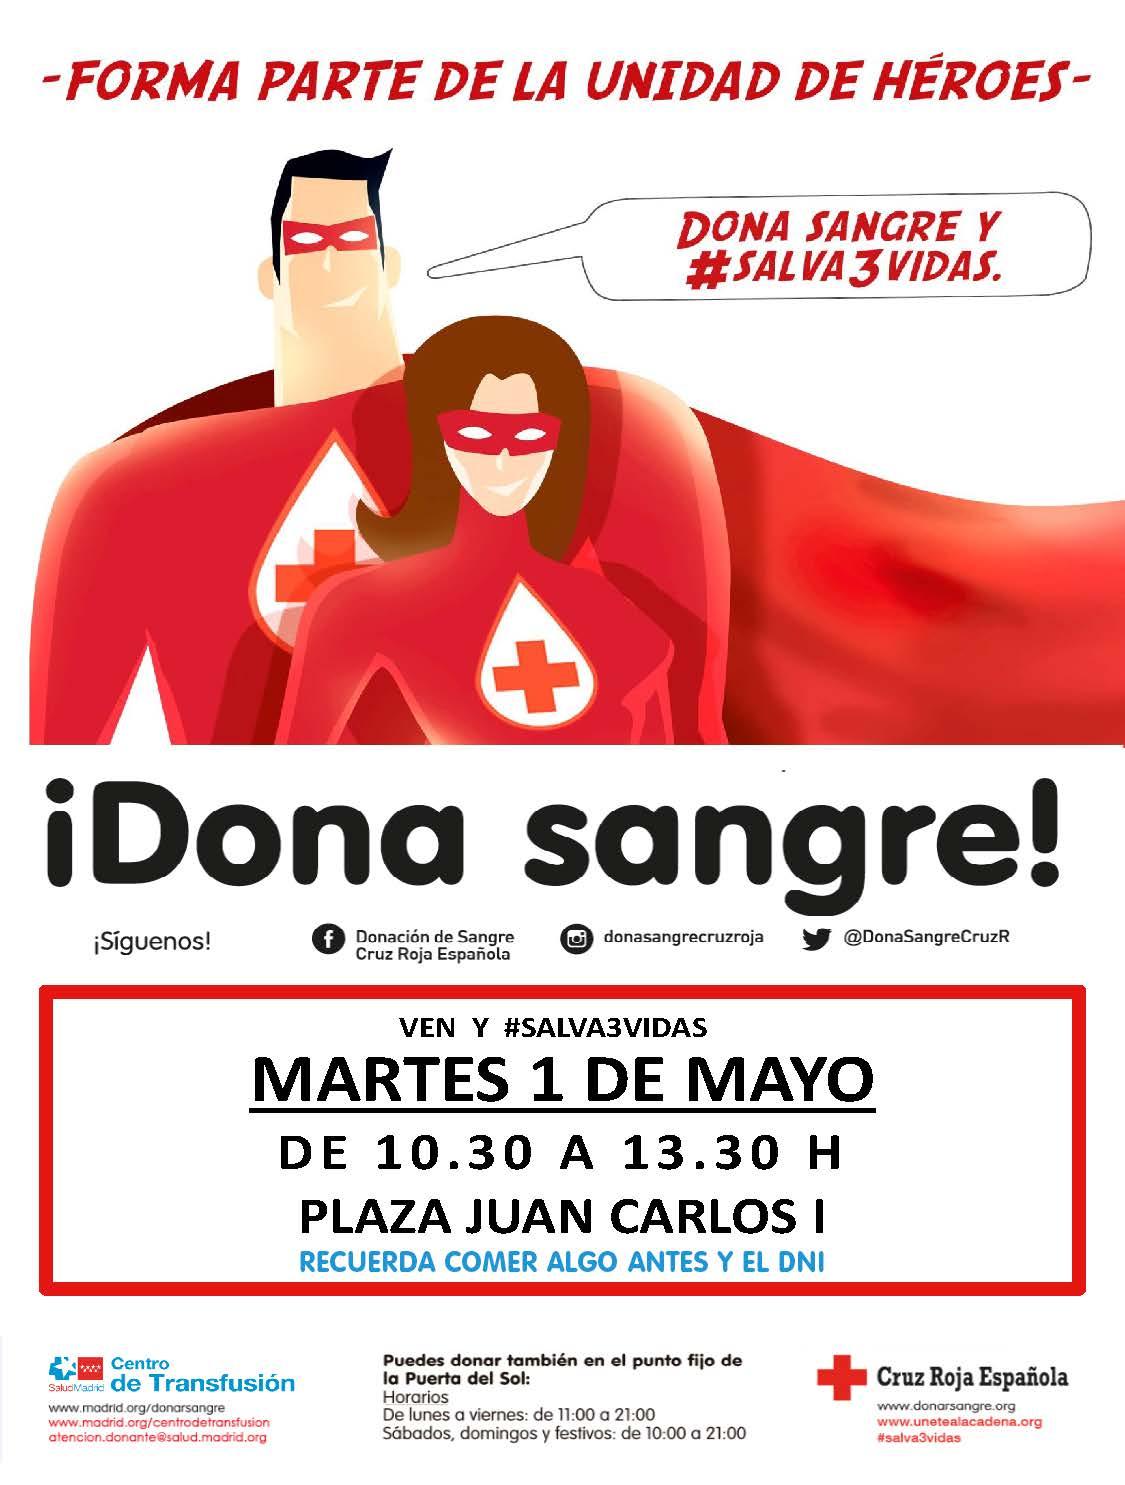 Donación de sangre martes 1 de mayo